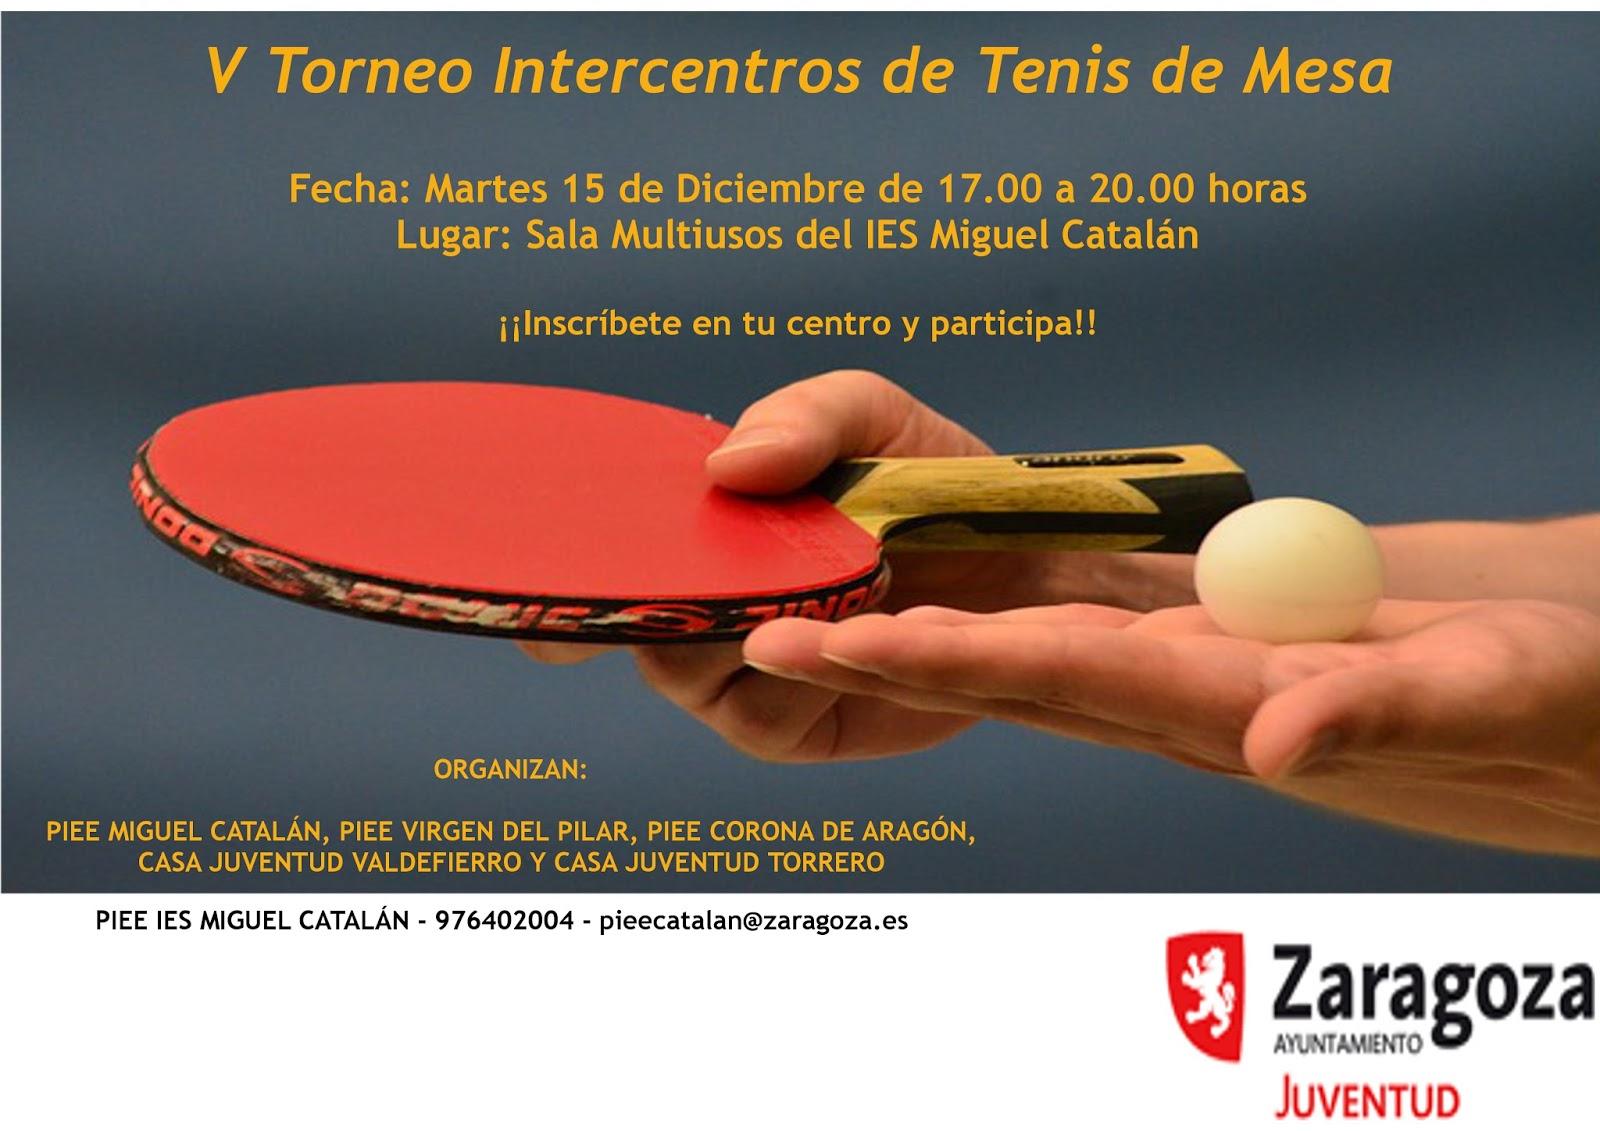 Deportejoven zgz torneo tenis de mesa - Torneo tenis de mesa ...